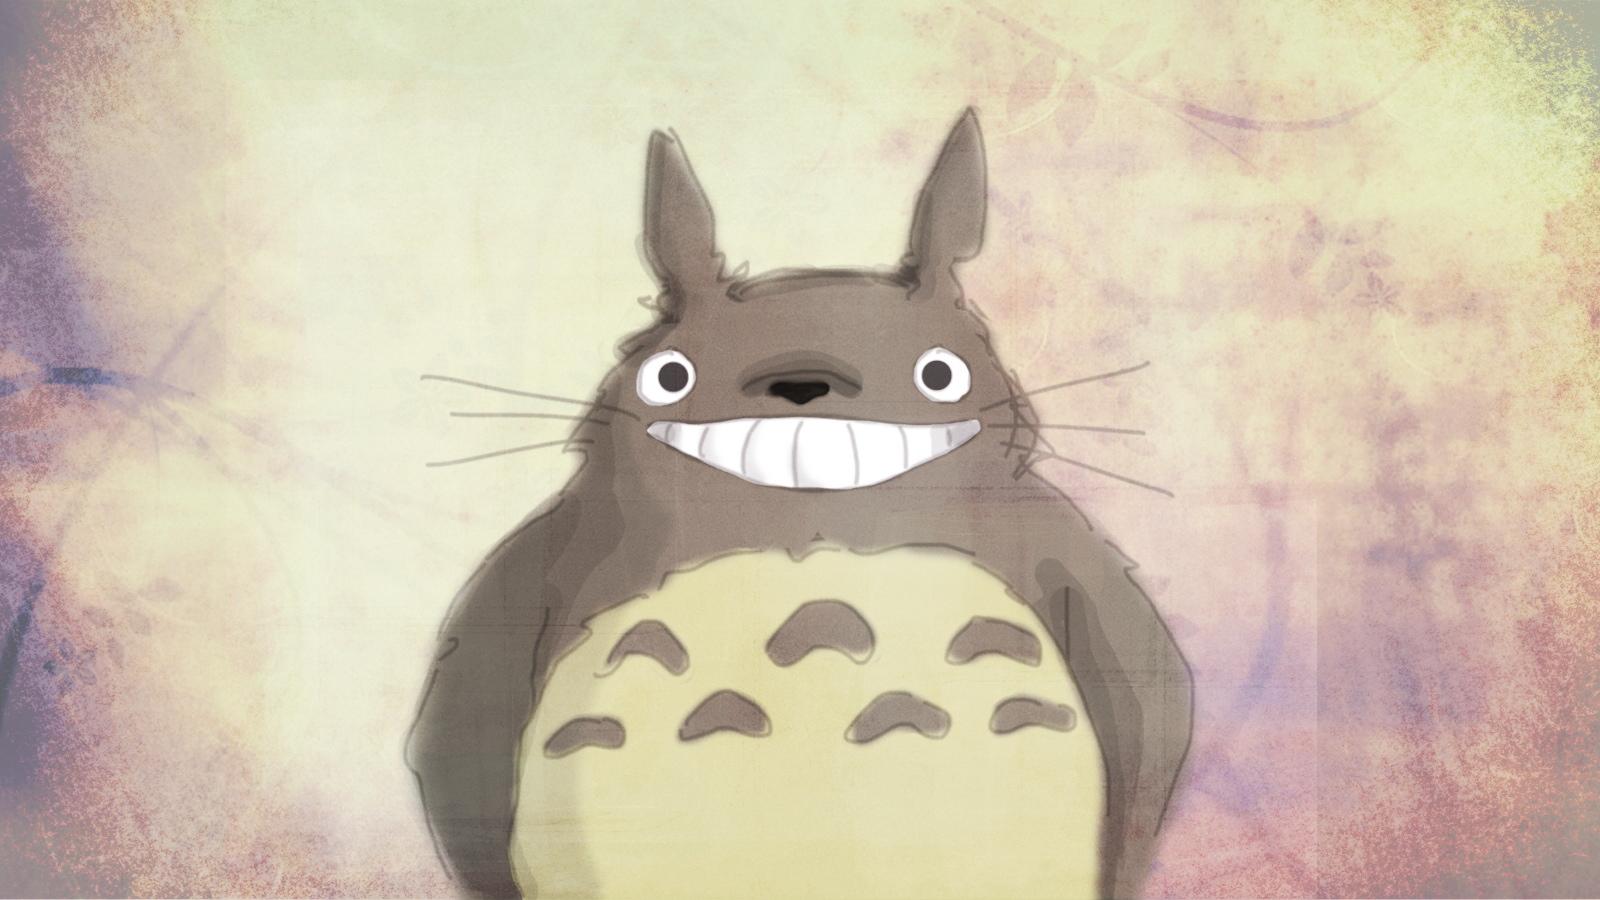 壁纸 动漫 动物 卡通 漫画 猫 猫咪 头像 小猫 桌面 1600_900